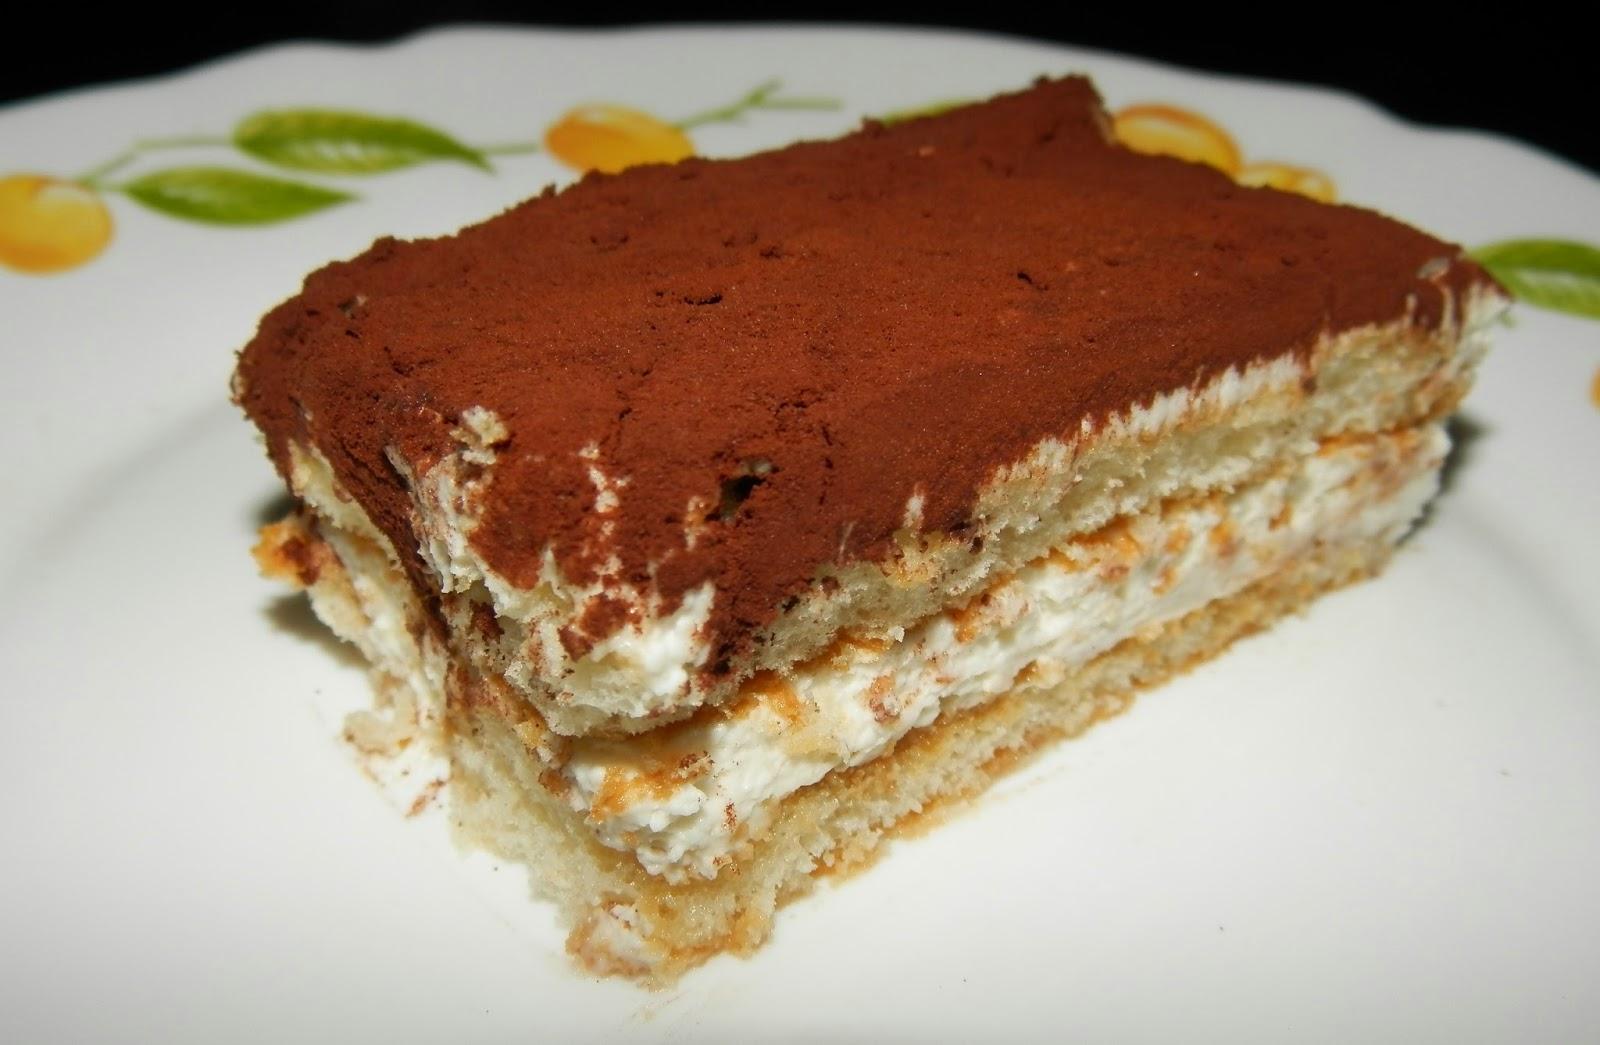 Recette tiramisu : faites-vous vraiment plaisir avec ce dessert